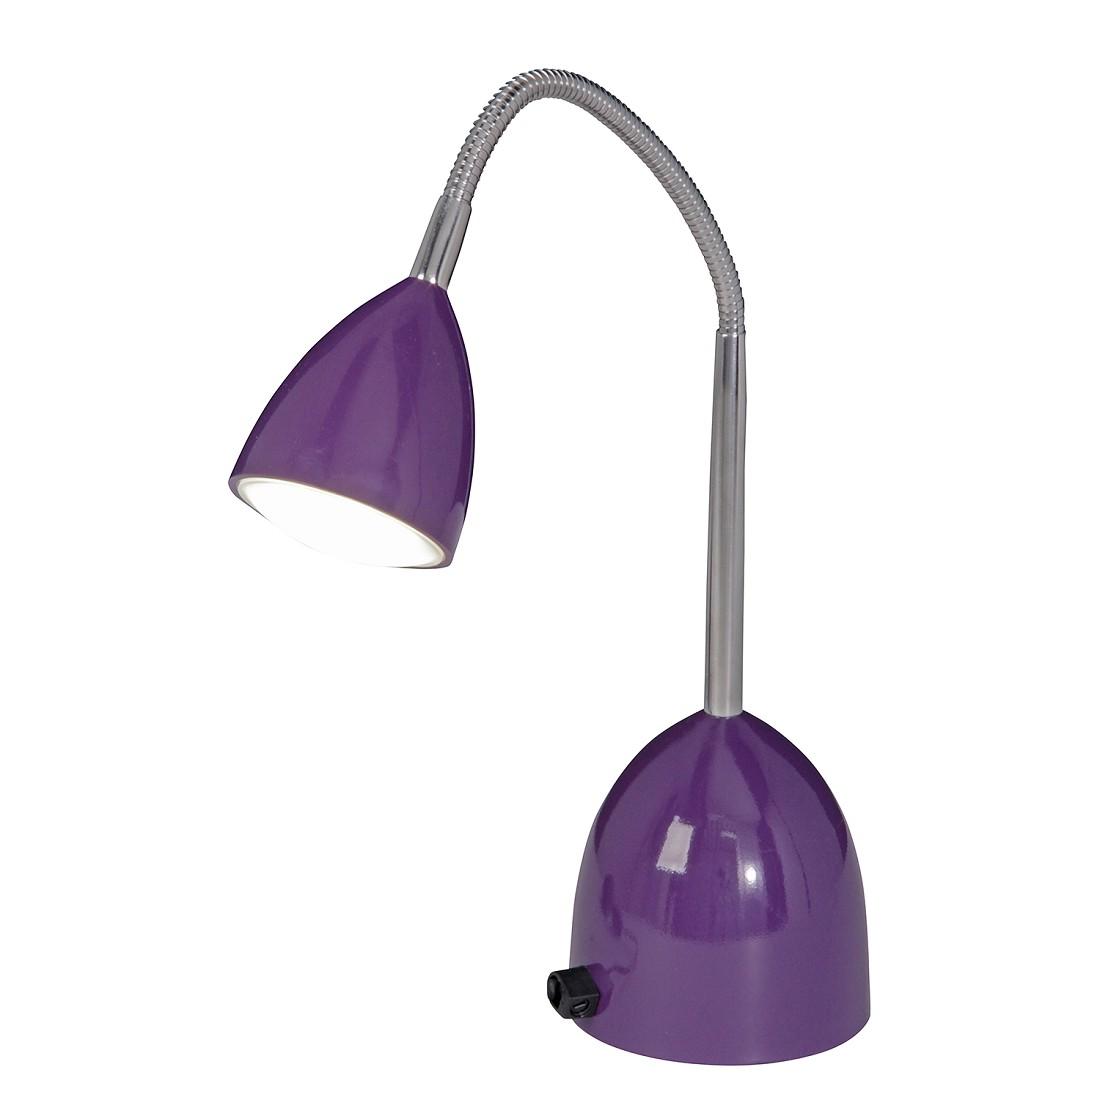 LED Tischleuchte Oskar ● Metall ● Violett- Näve